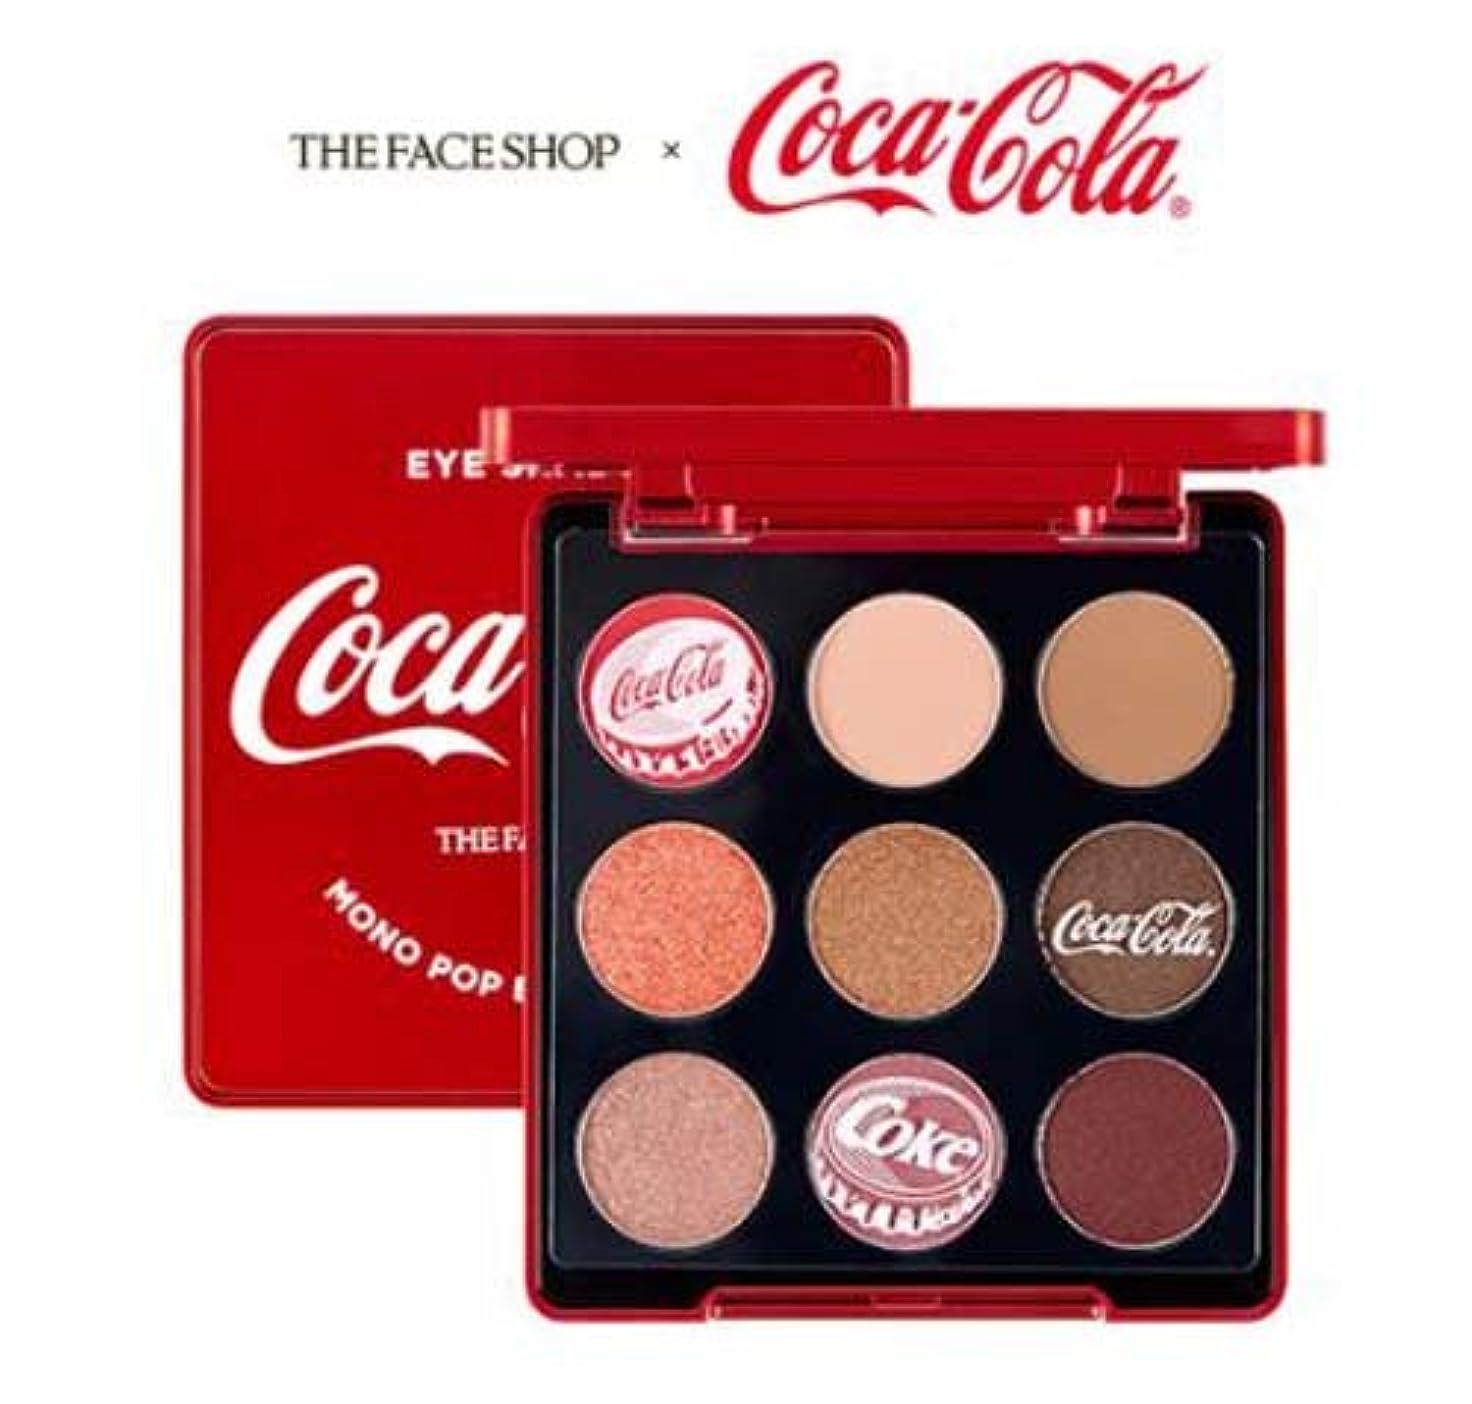 剪断振動させる意図的[ザ?フェイスショップ] THE FACE SHOP [モノ ポップ アイズ シャドーパレット(9色) - コカ?コーラ限定版] (Mono Pop Eyes - Coca Cola Edition) [海外直送品]